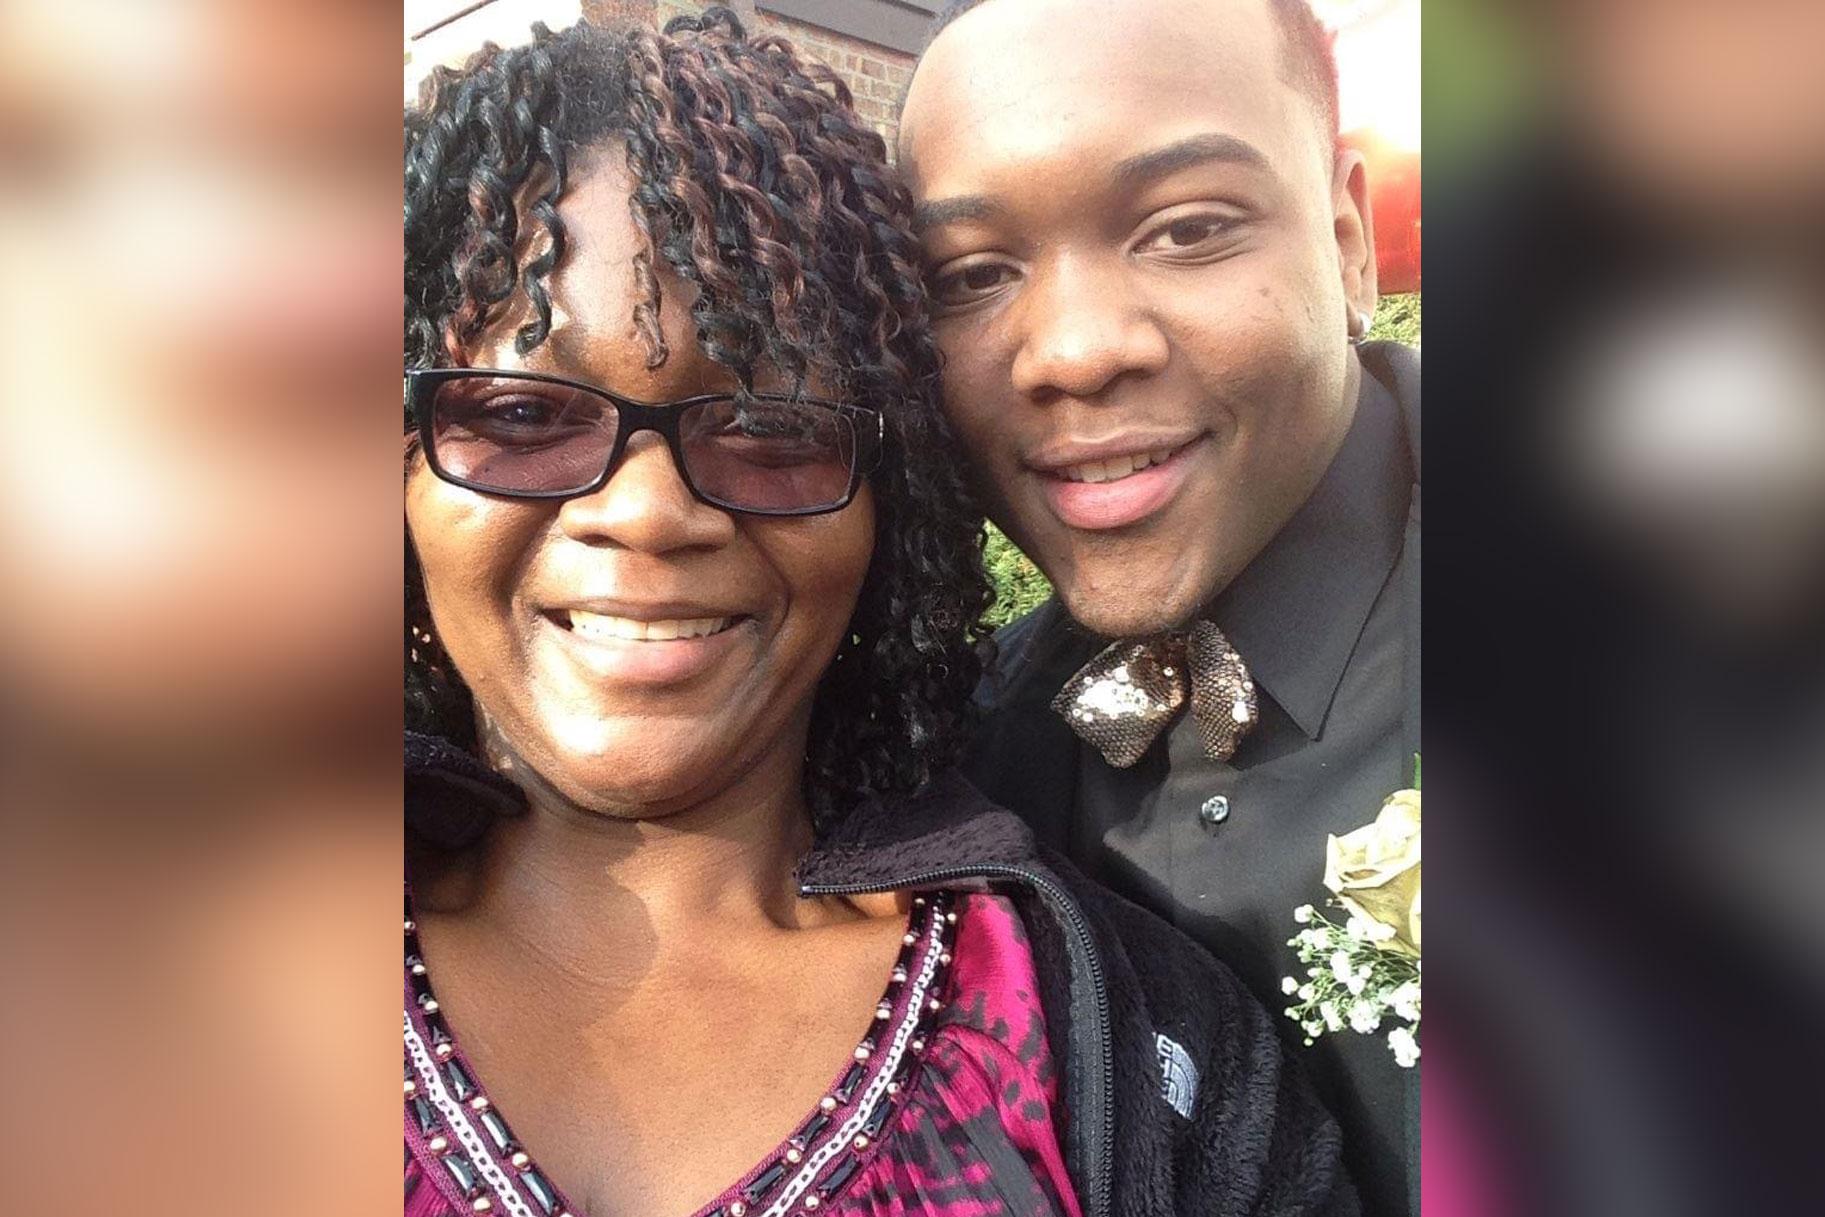 'Tengo que ser su voz': mamá documenta su propia investigación del asesinato de su hijo, incluidos supuestos fracasos policiales, en un nuevo podcast